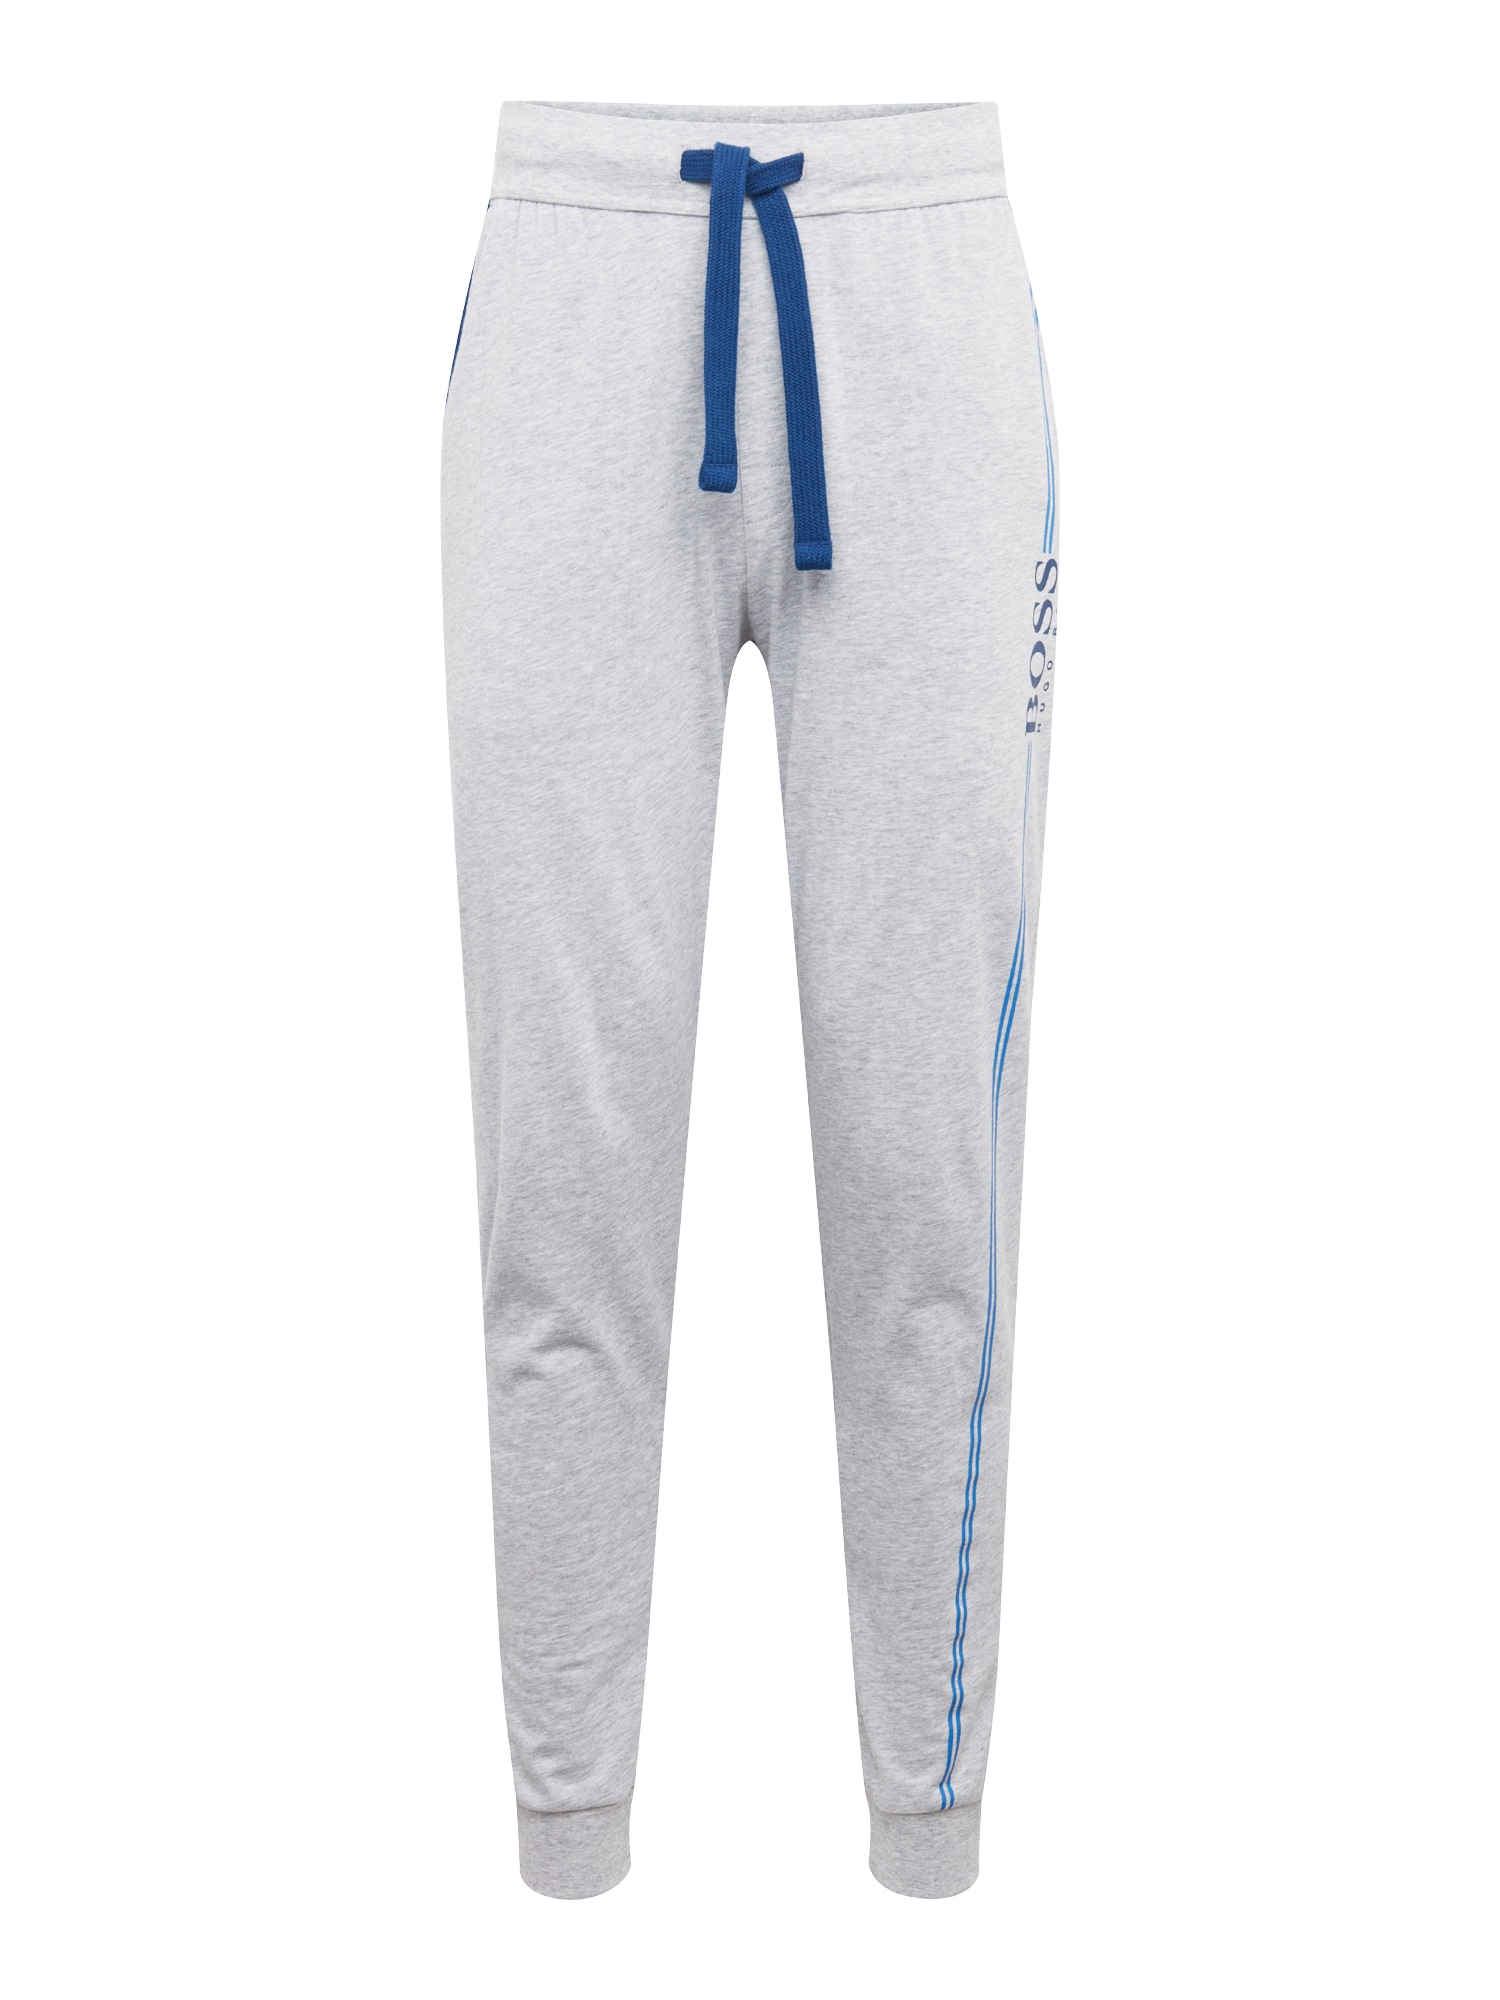 Kalhoty Authentic 10121122 02 modrá šedá BOSS